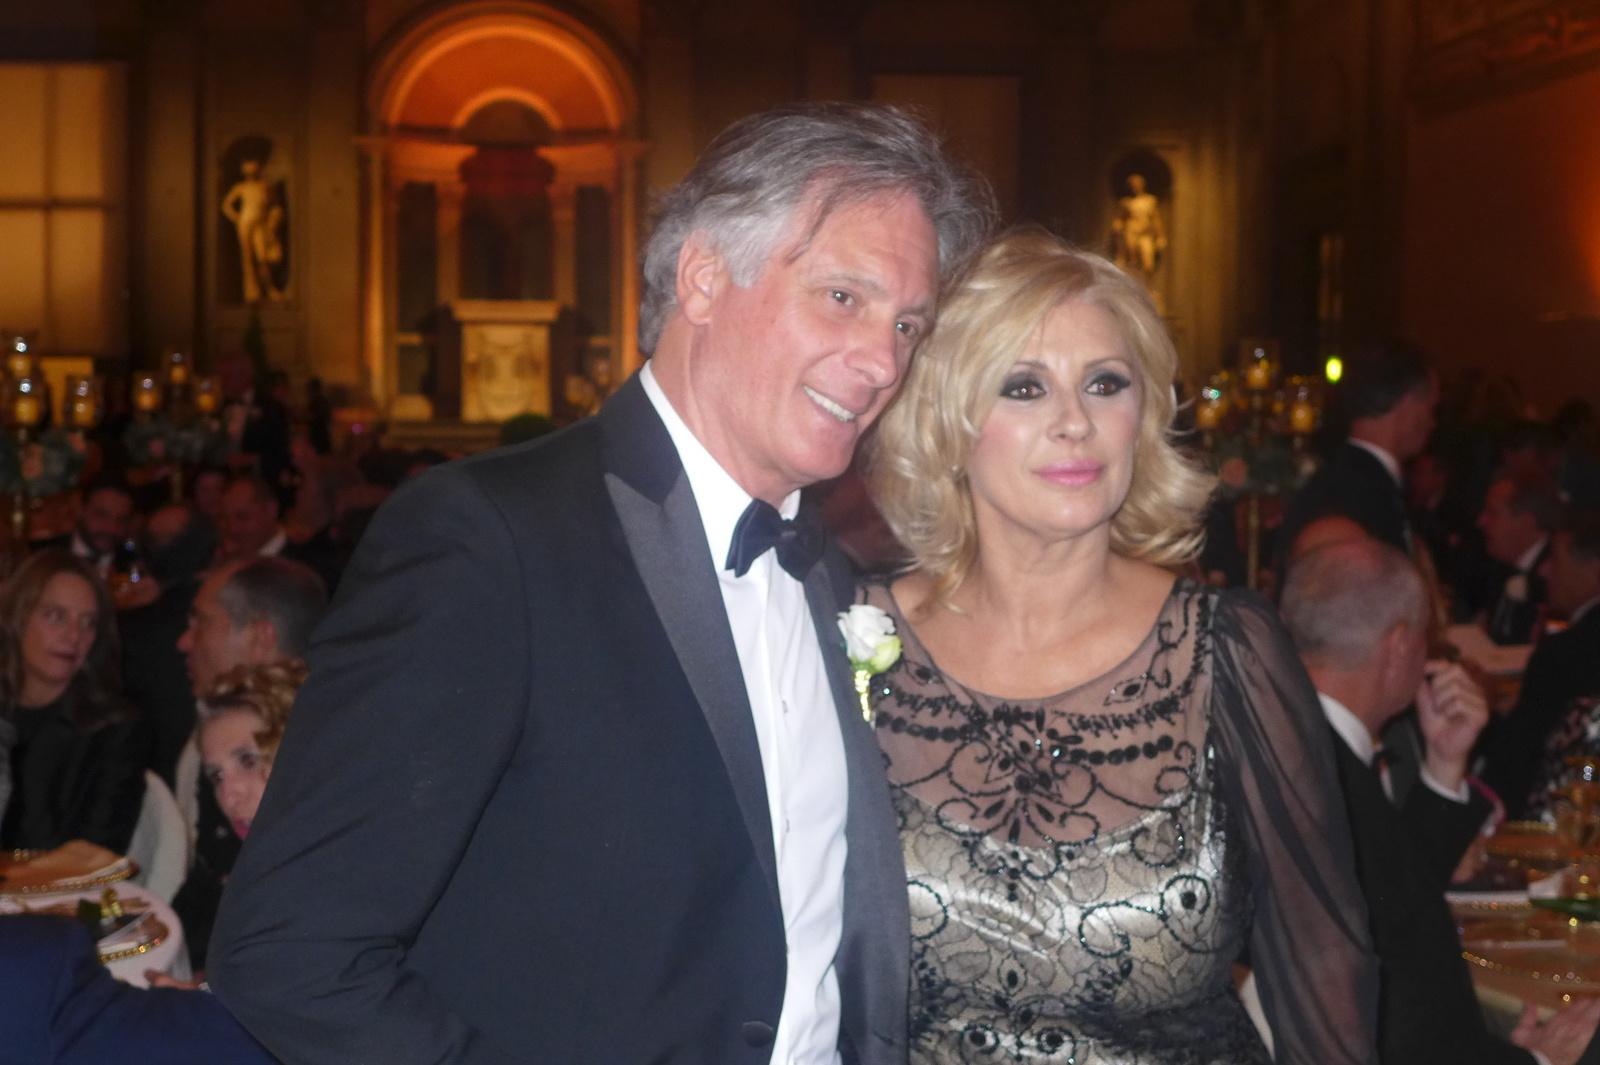 Uomini e Donne, Tina Cipollari e Giorgio Manetti hanno una storia? Ecco cosa ha detto lui